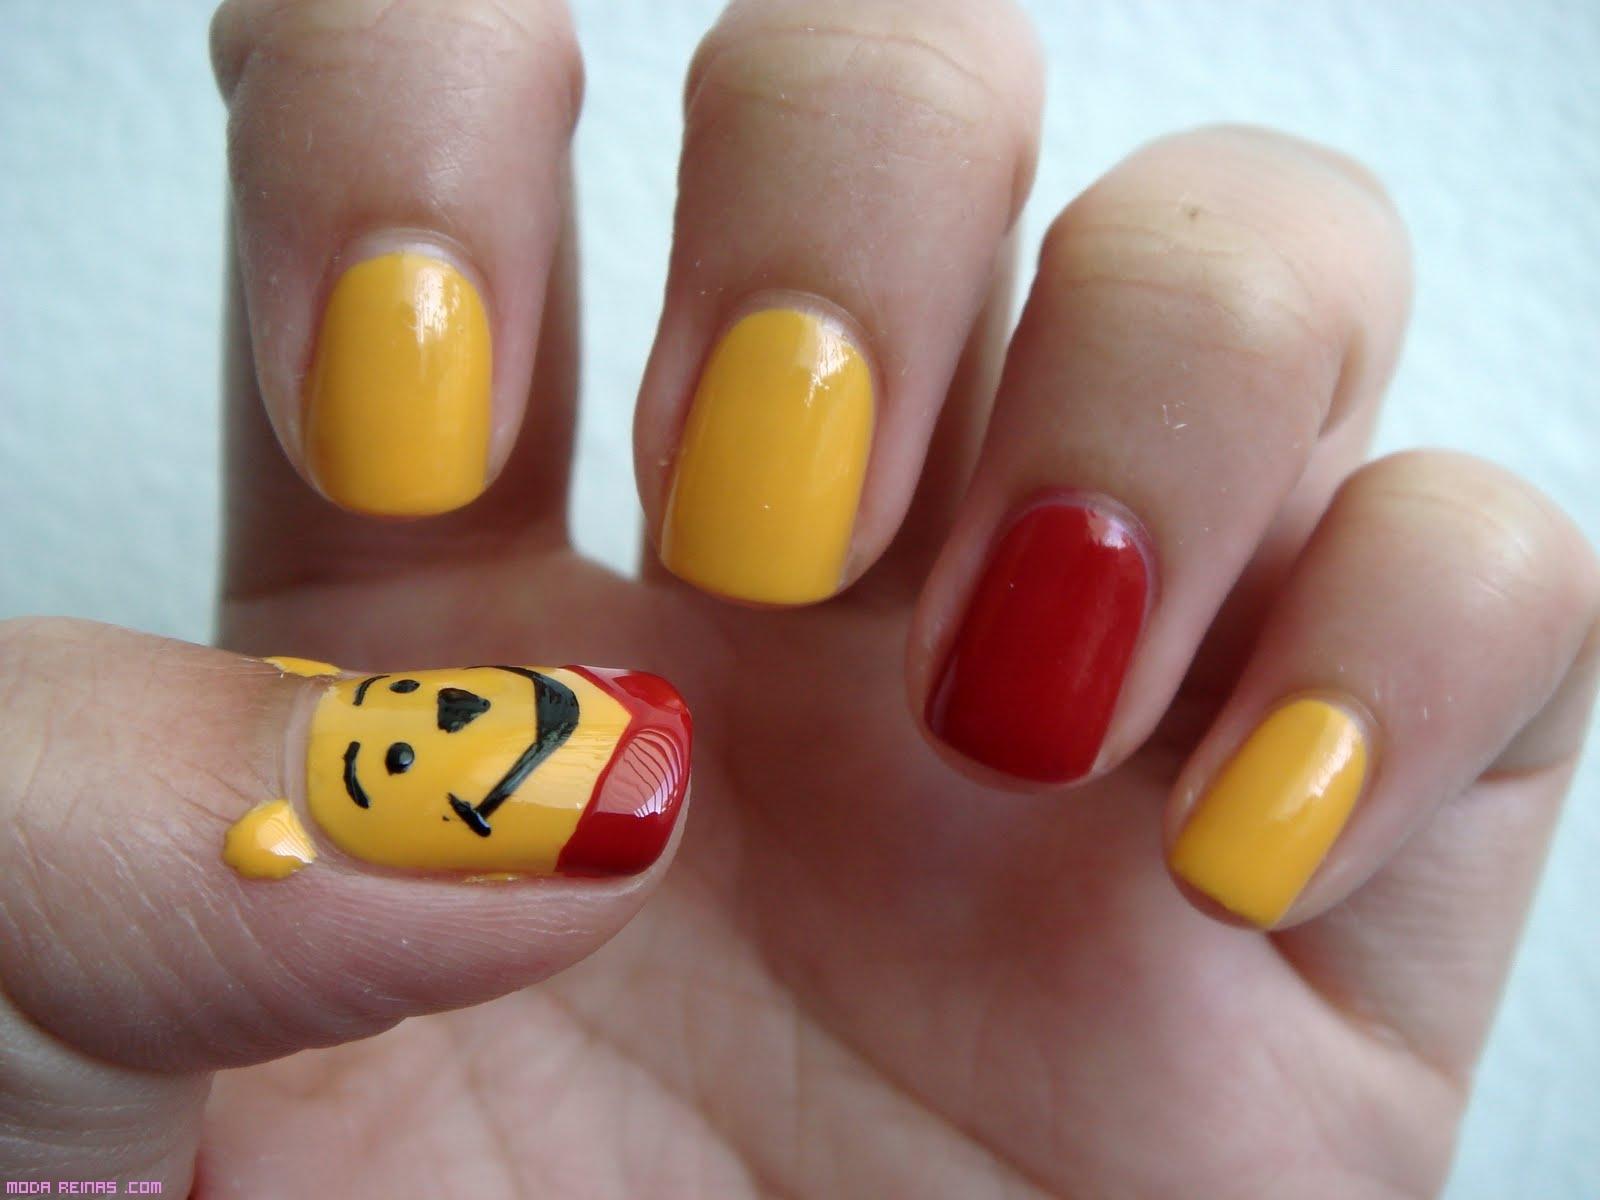 Uñas en amarillo